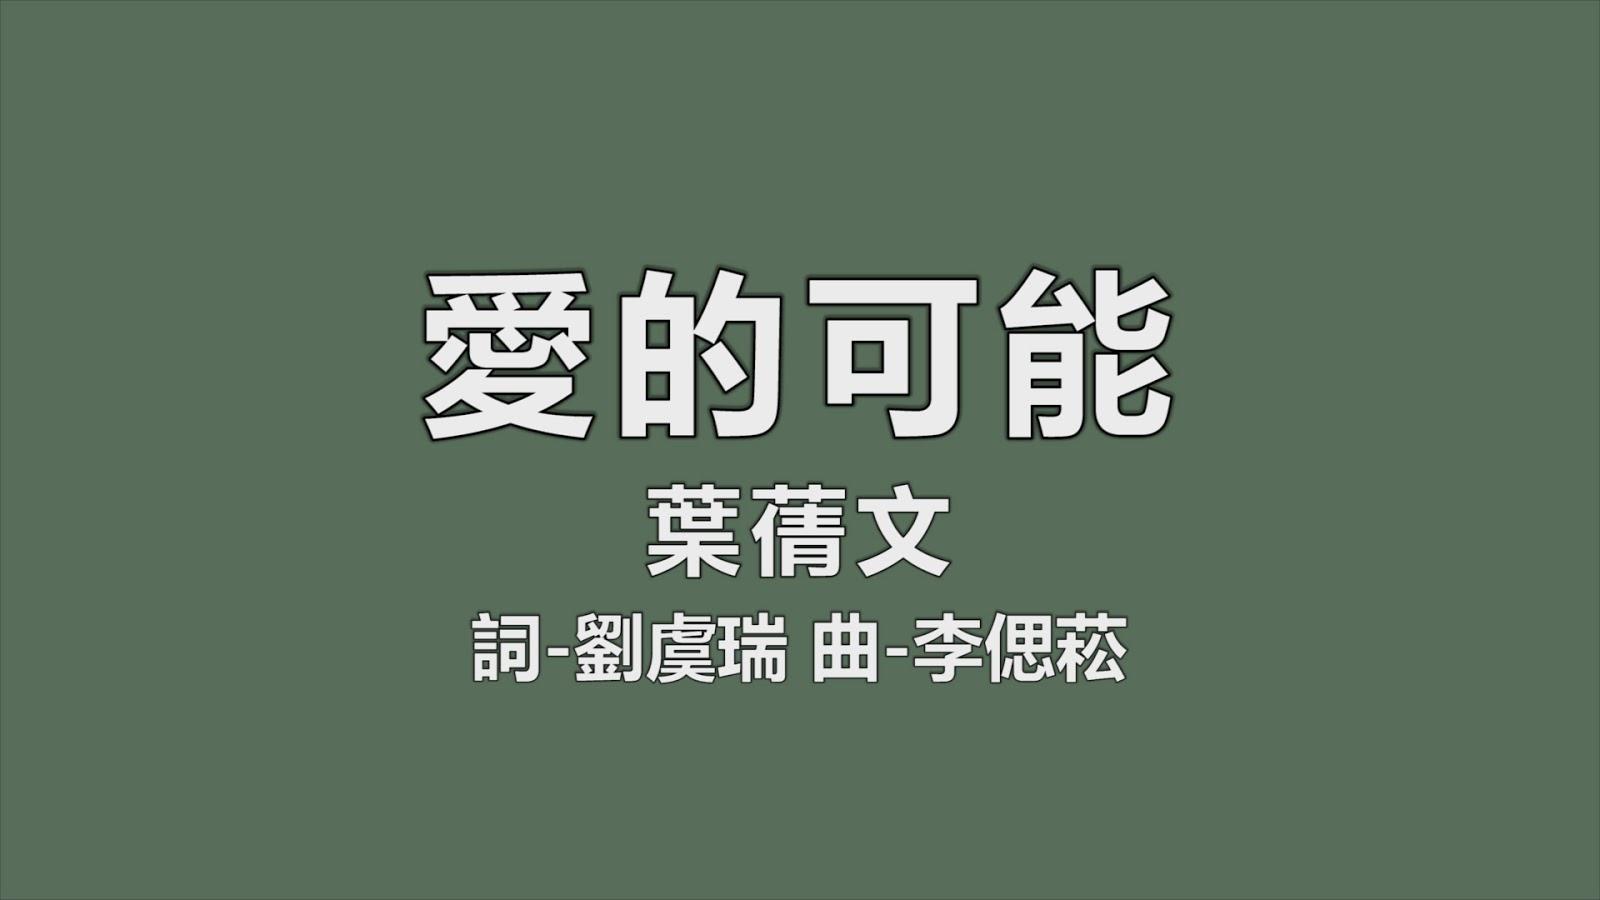 音樂暫留藝術: 葉蒨文 愛的可能【醇歌詞/Lyrics】